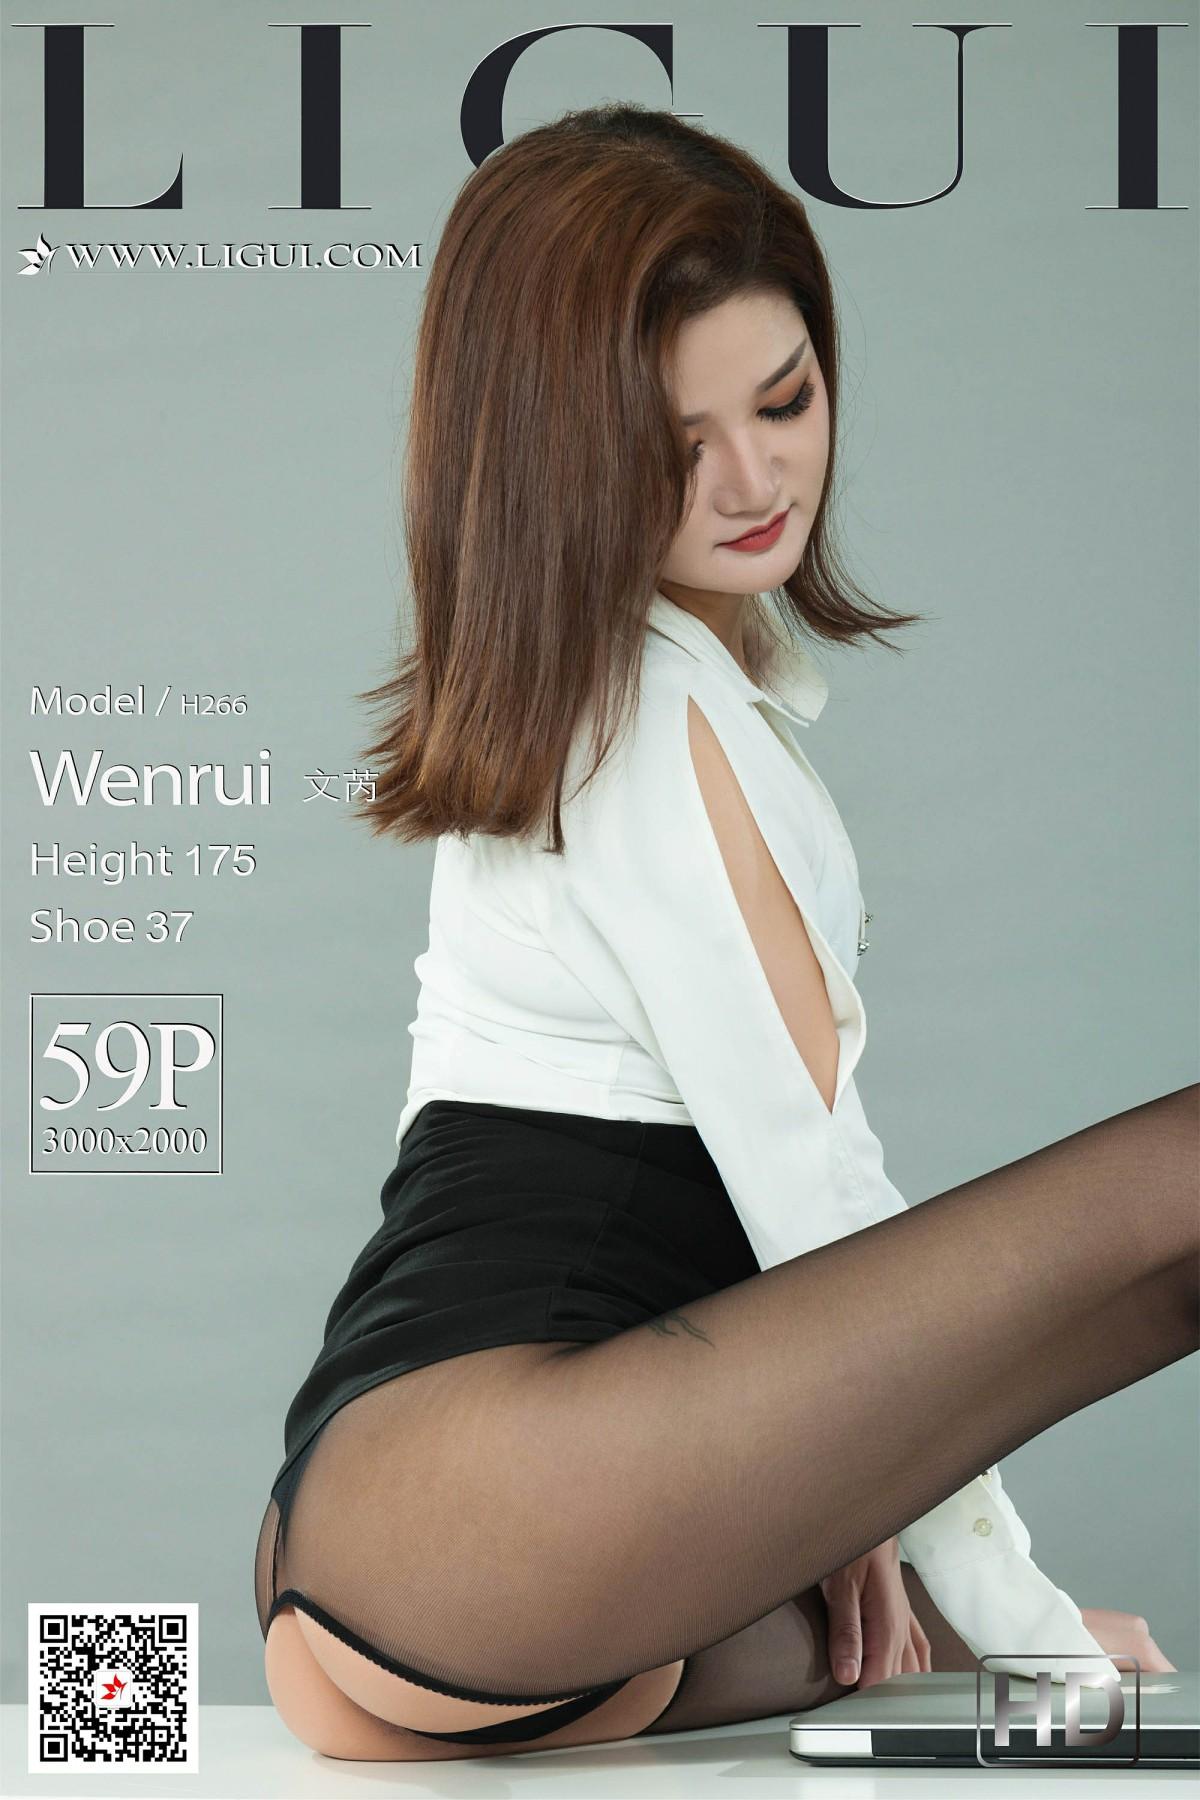 [Ligui丽柜]2020.04.02 网络丽人 Model 文芮[60P] Ligui丽柜 第1张